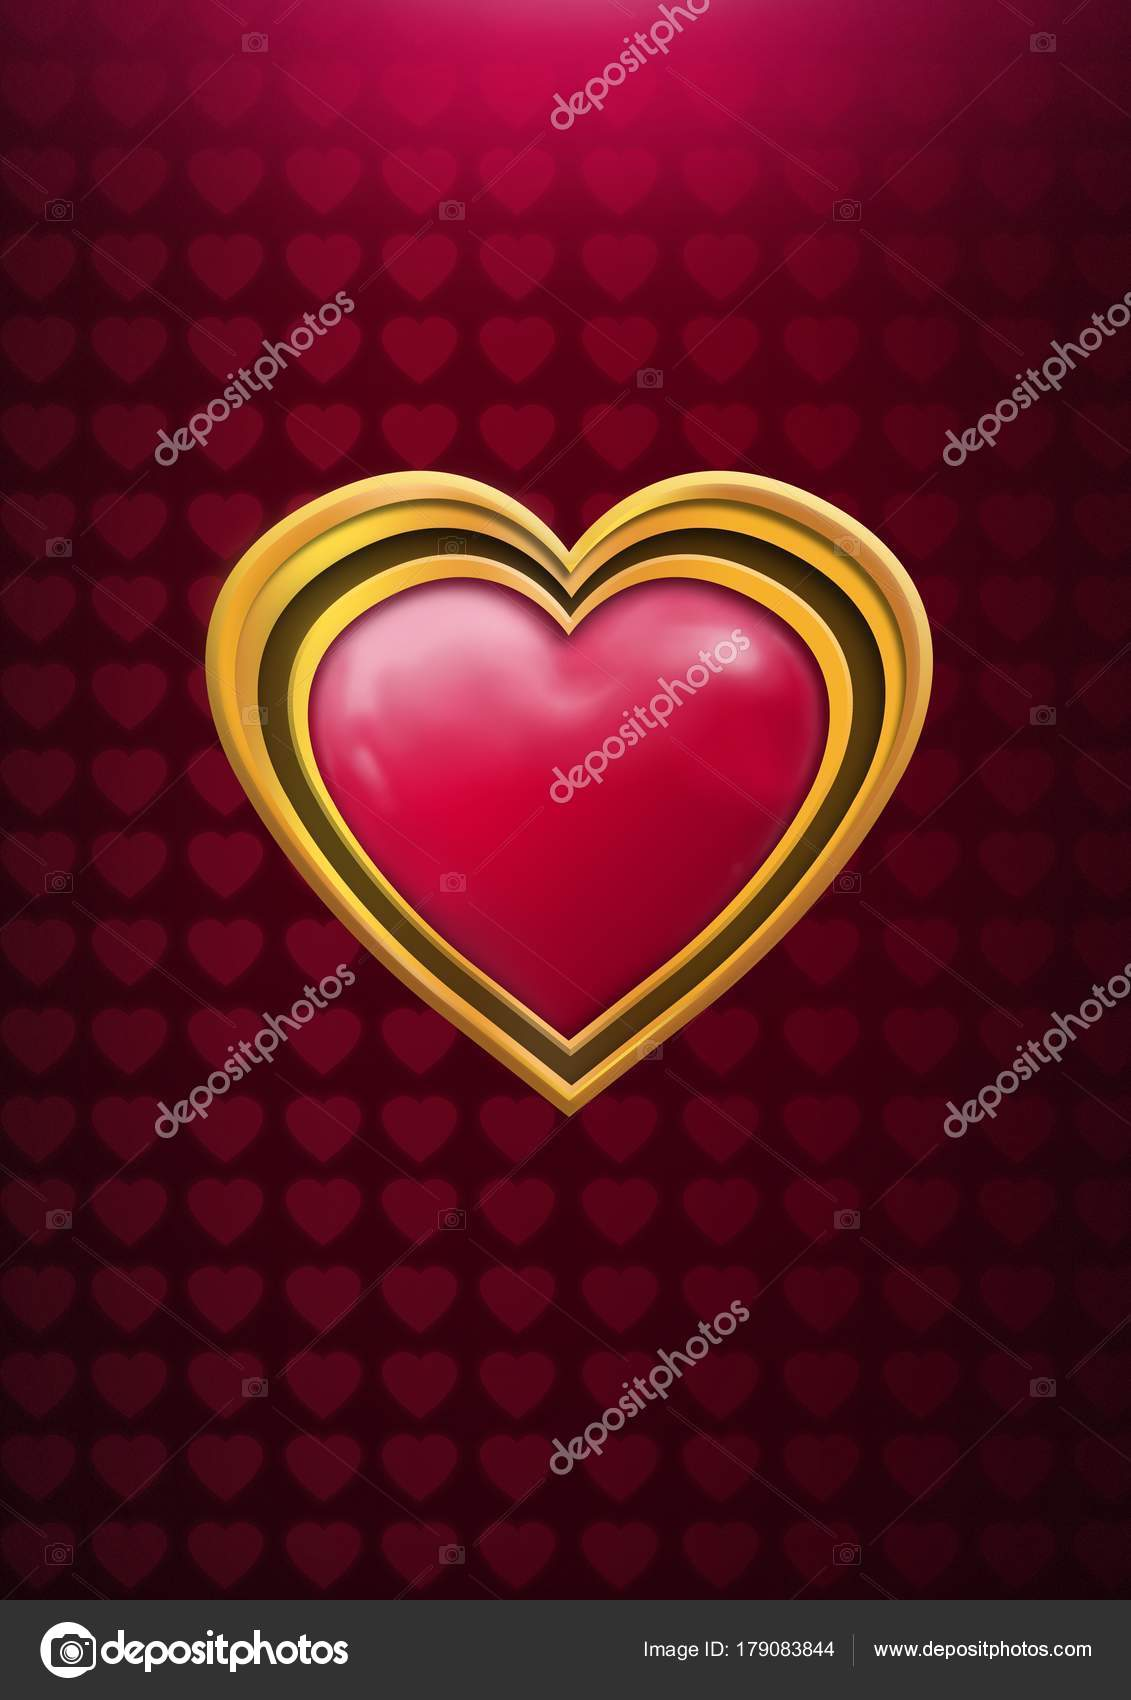 Imagenes Corazones De Amor Compuesto Digital Grafico Brillante